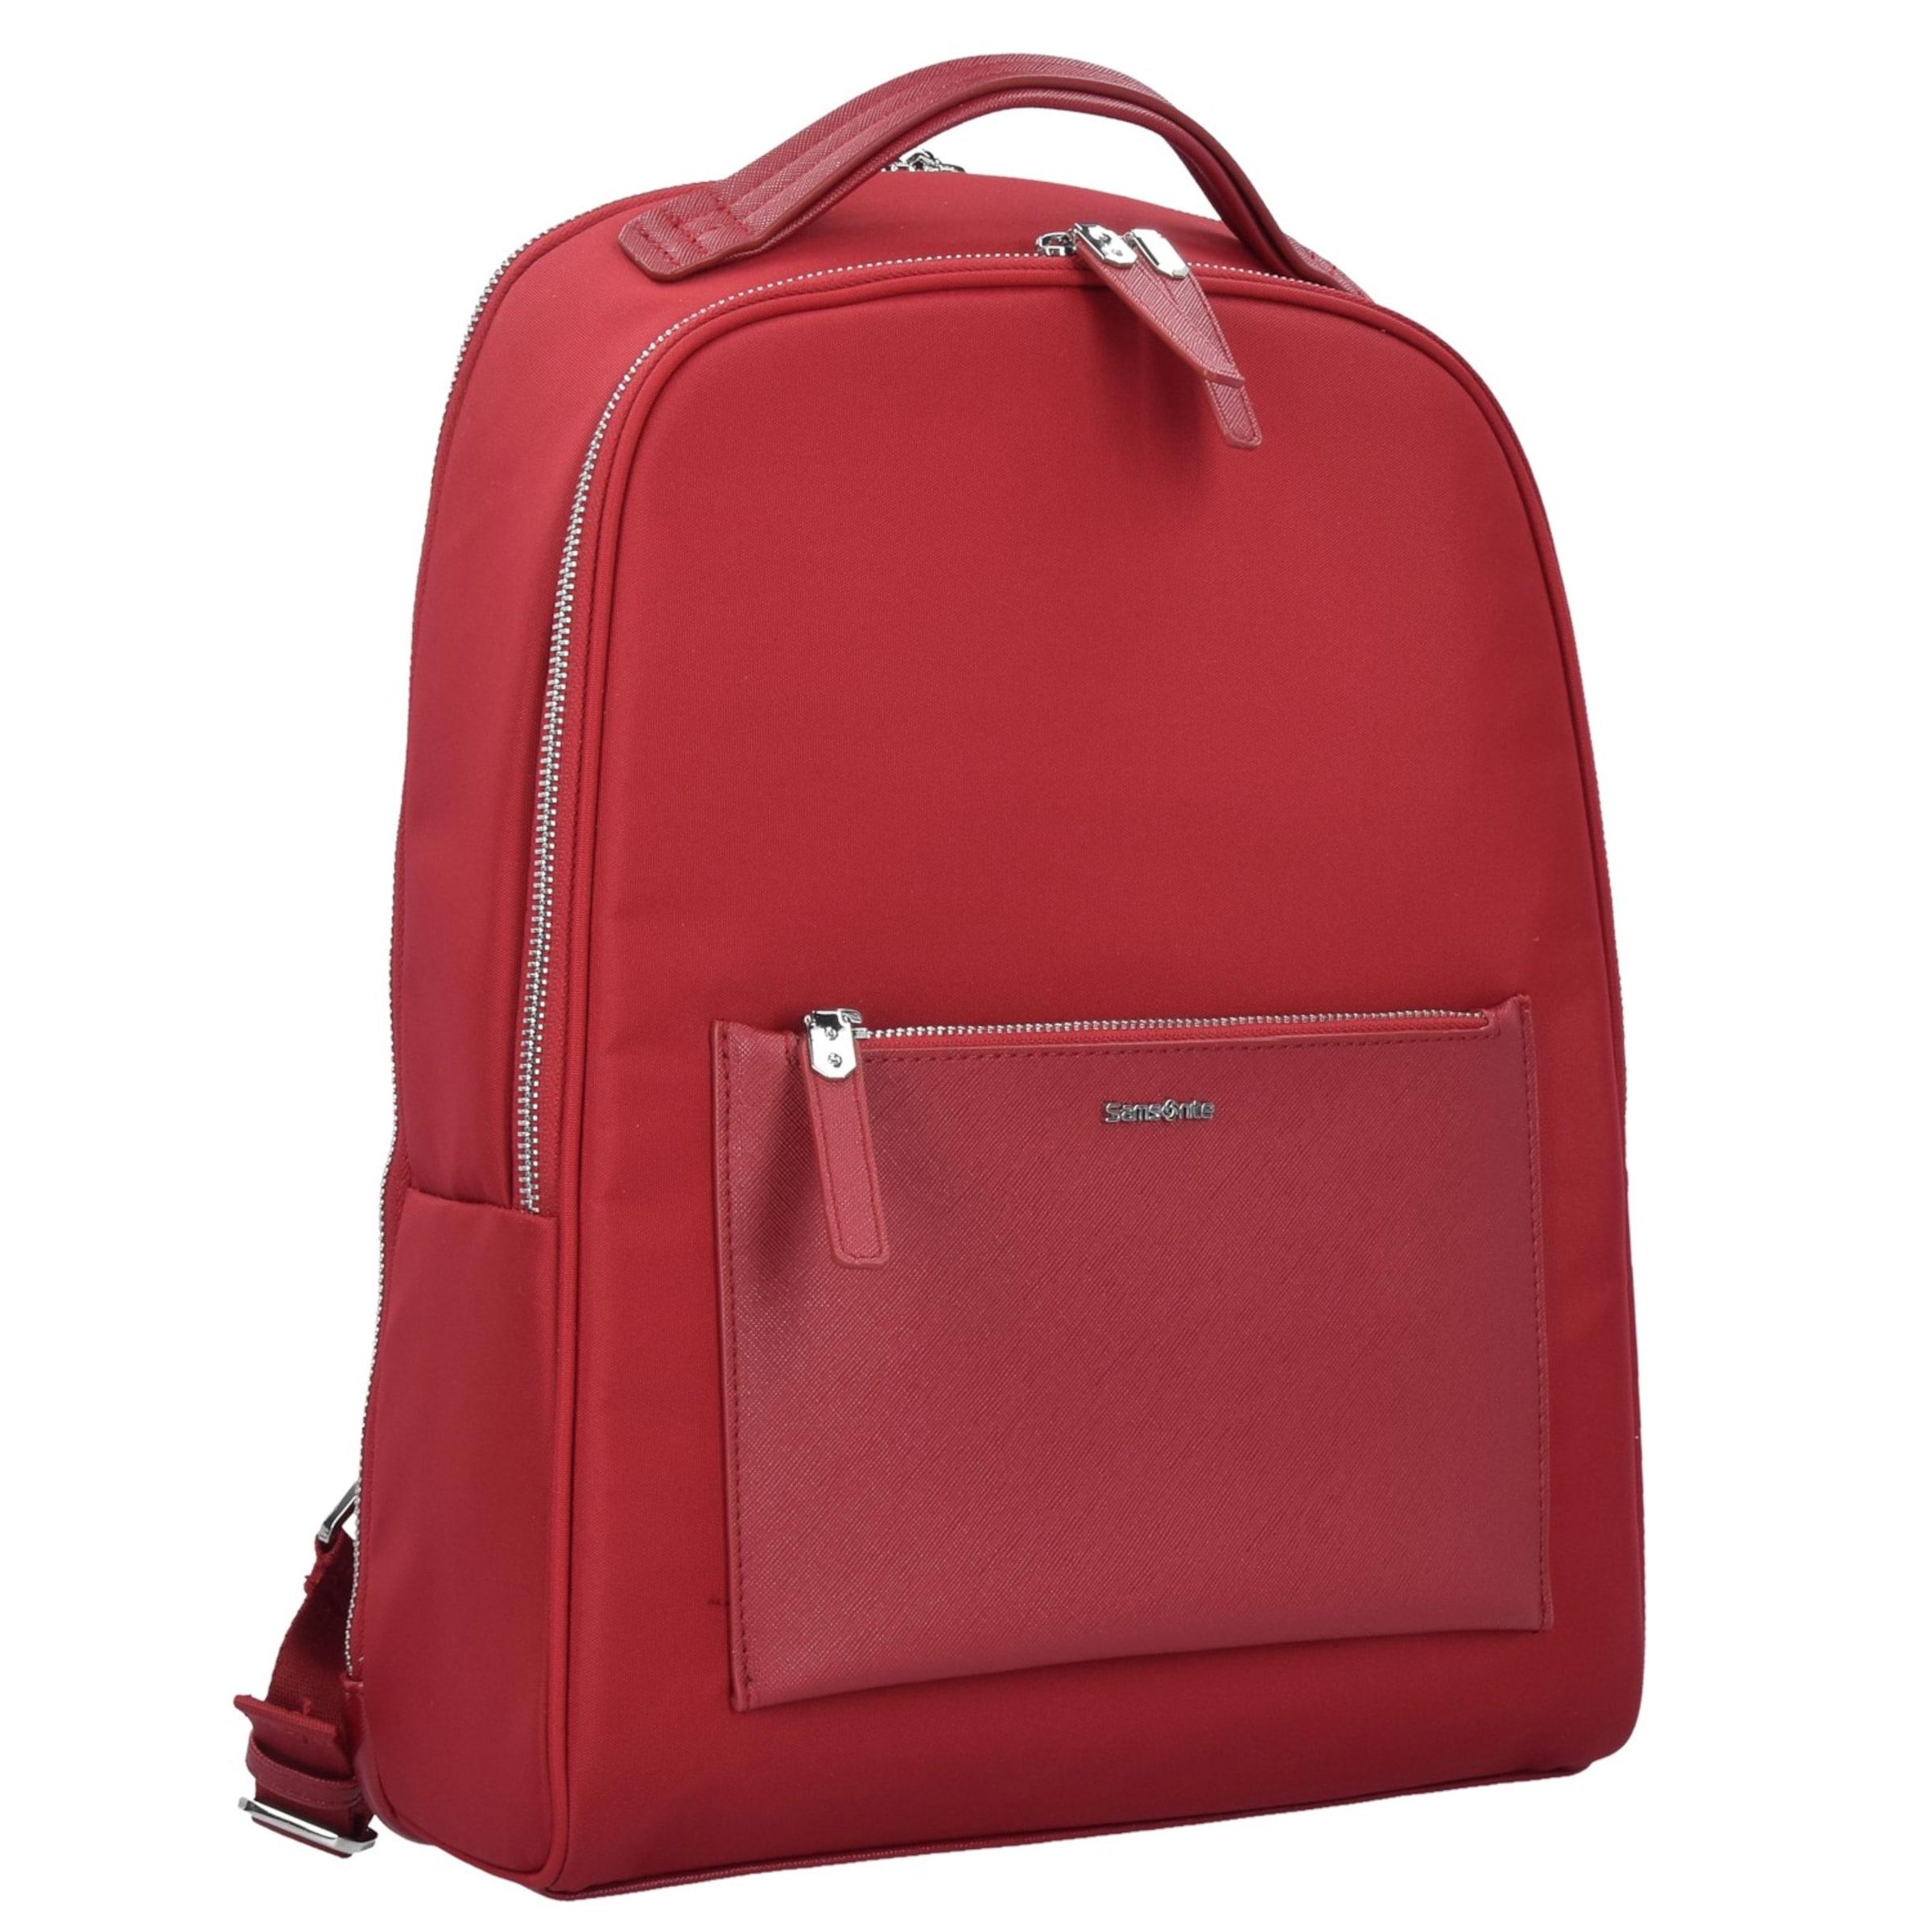 Laptopfach In Rot Samsonite Rucksack 44 Cm Zalia 5RLq43Aj